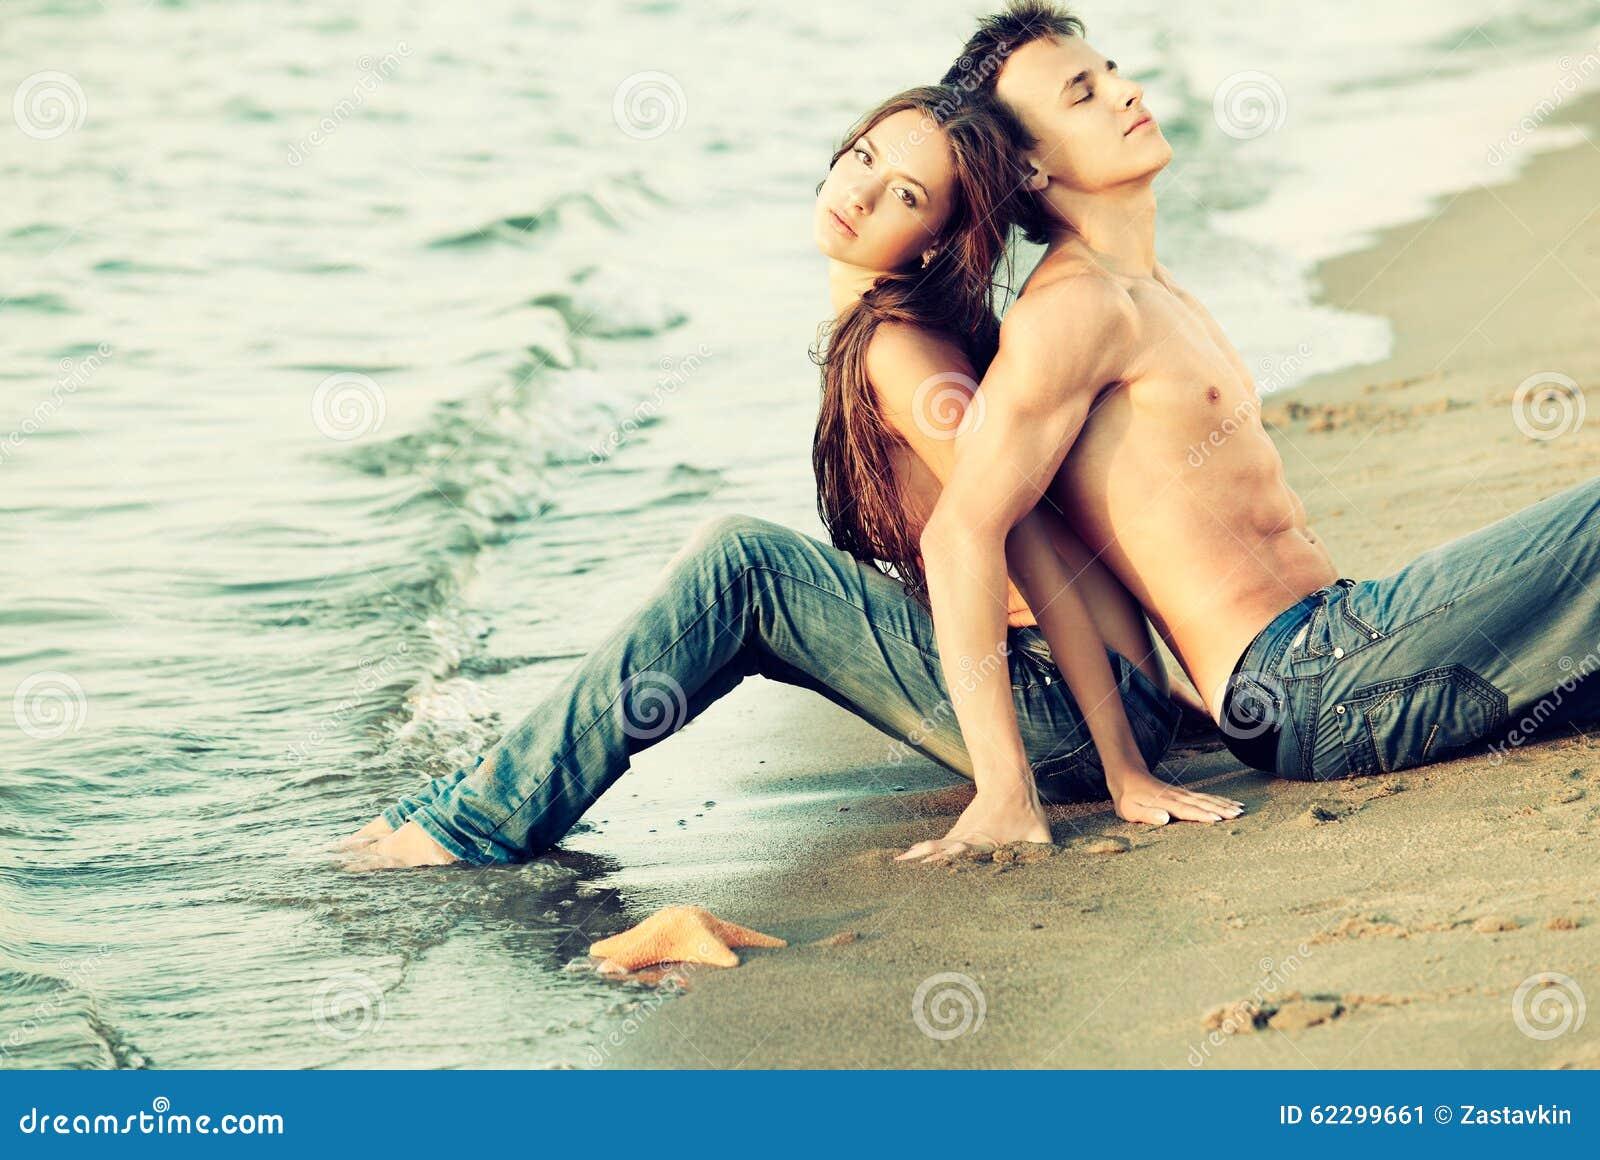 Naked teen make love